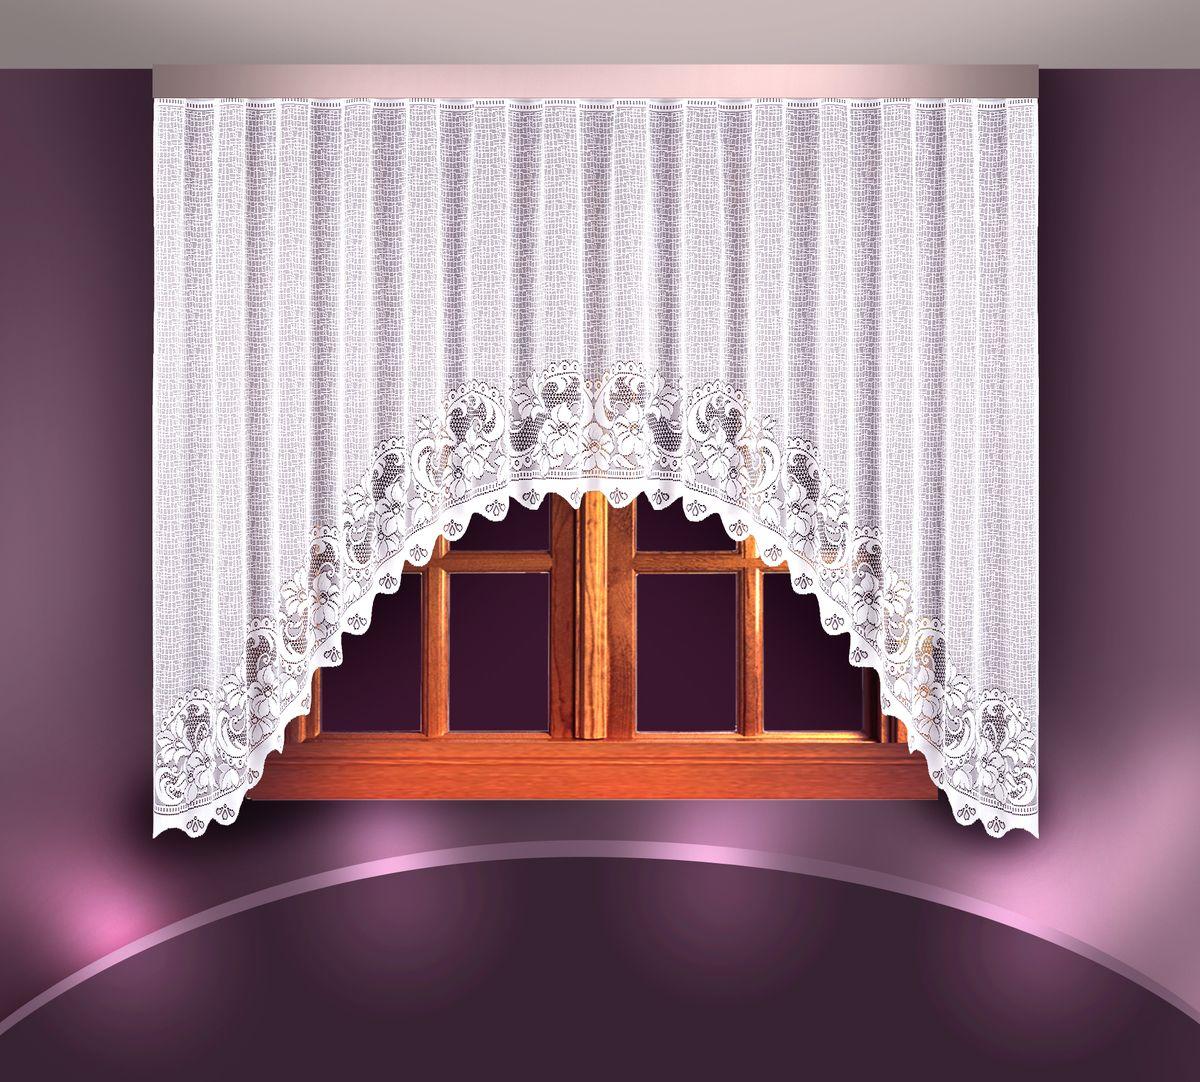 Гардина Zlata Korunka, цвет: белый, высота 180 см. 88831UN111286110Воздушная гардина Zlata Korunka, изготовленная из полиэстера белого цвета, станет великолепным украшением любого окна. Гардина выполнена из сетчатого материала в виде арки и декорирована цветочным узором. Тонкое плетение и оригинальный дизайн привлекут к себе внимание и органично впишутся в интерьер. Верхняя часть гардины не оснащена креплениями.